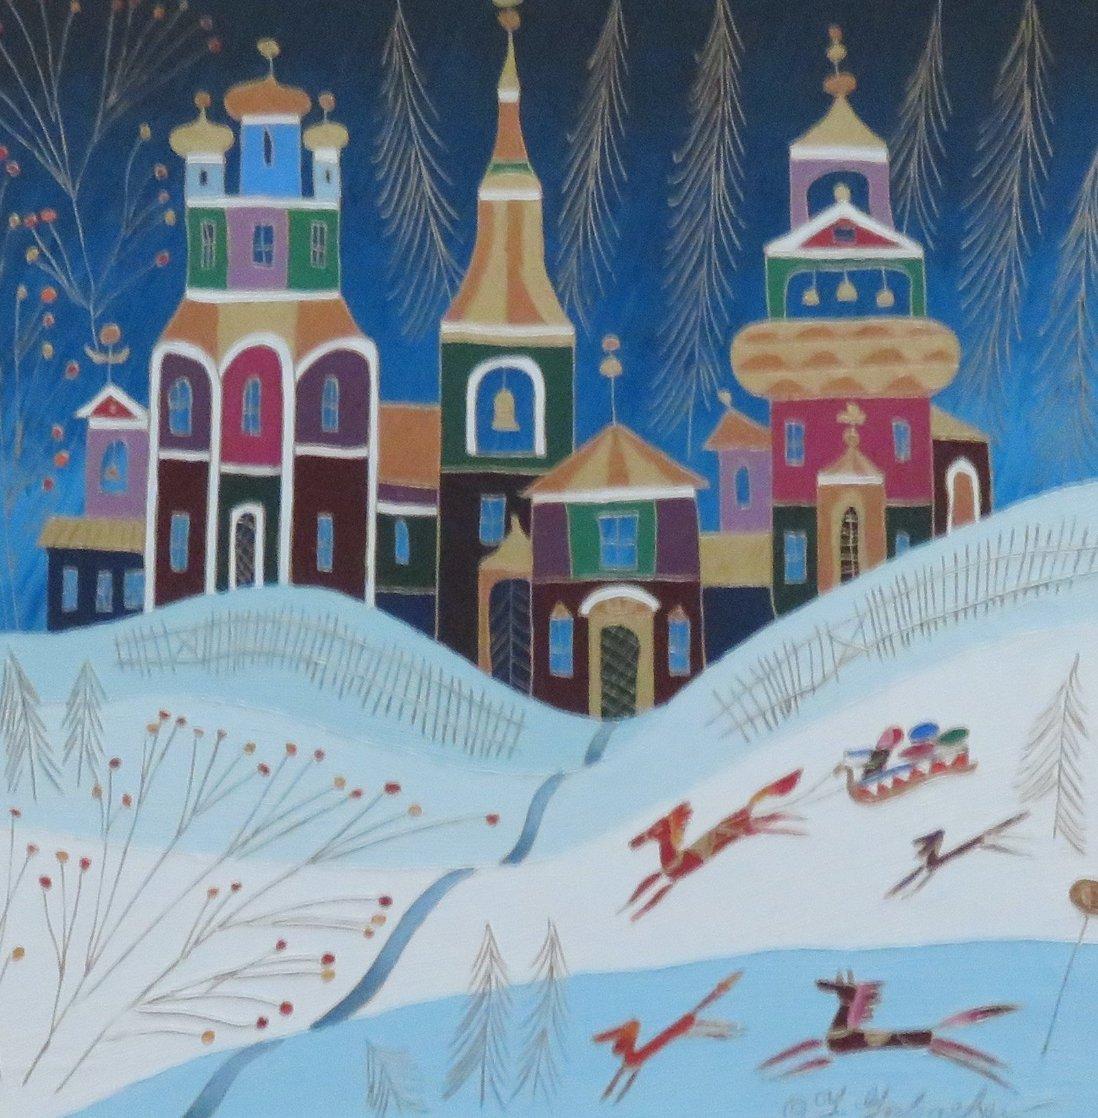 Winter Sleigh Ride  1994/33x33 Original Painting by Yuri Gorbachev